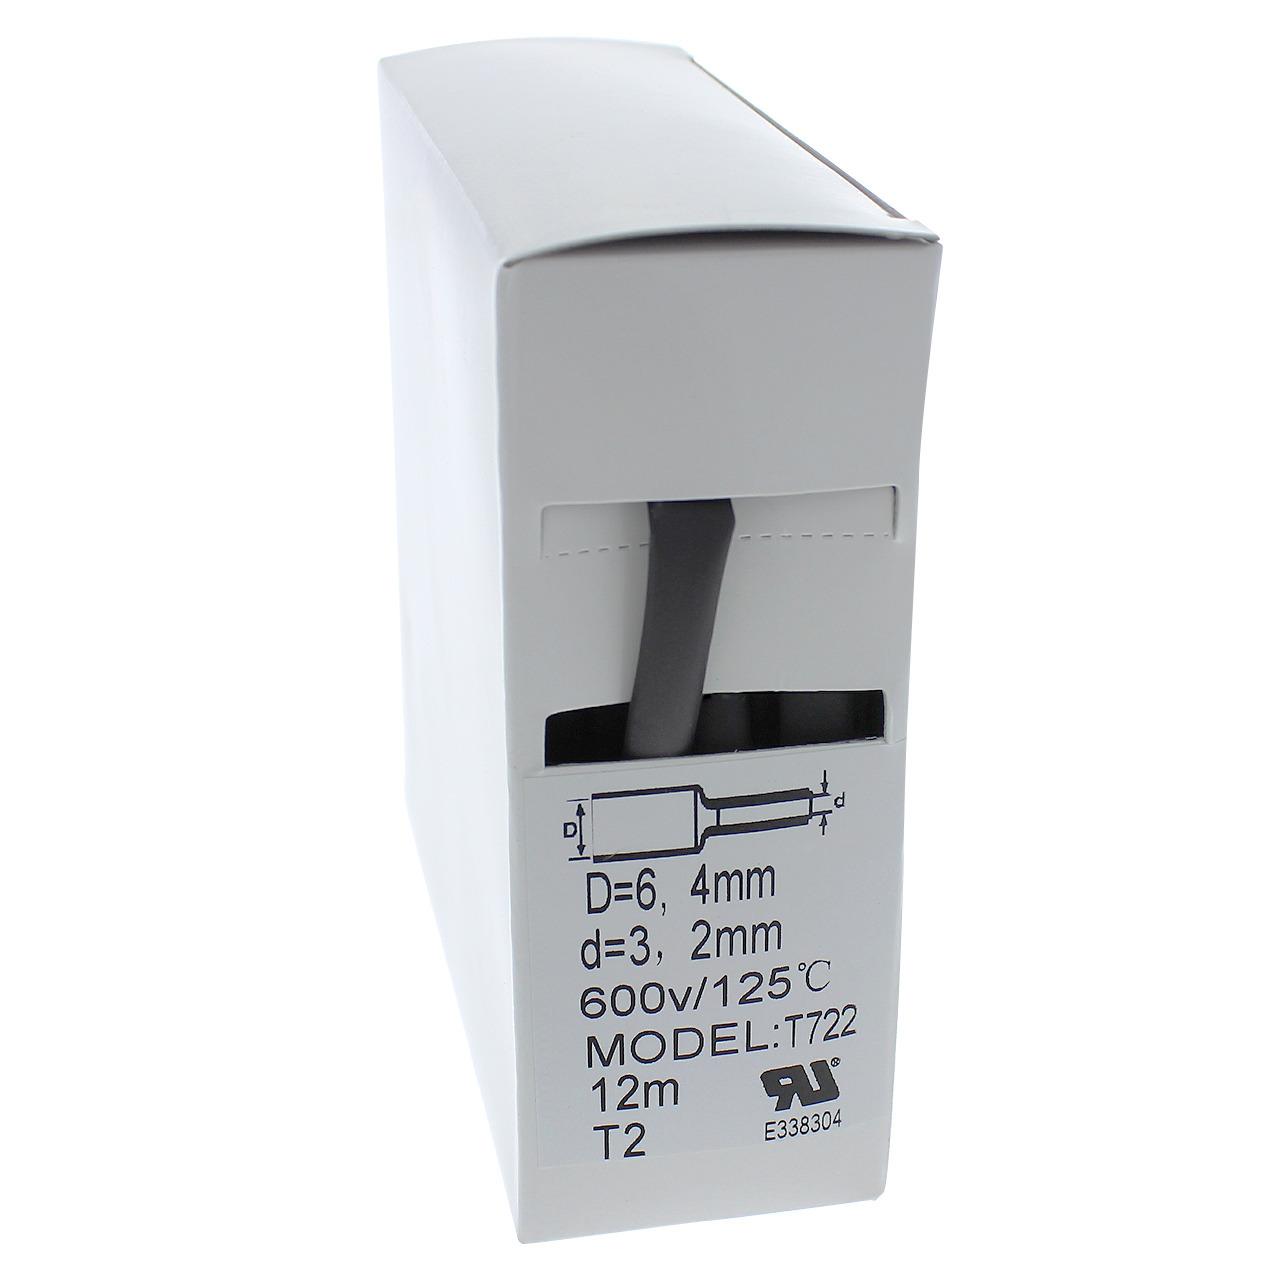 Schrumpfschlauch-Box- schwarz- 12 m- Durchmesser 6-4 mm